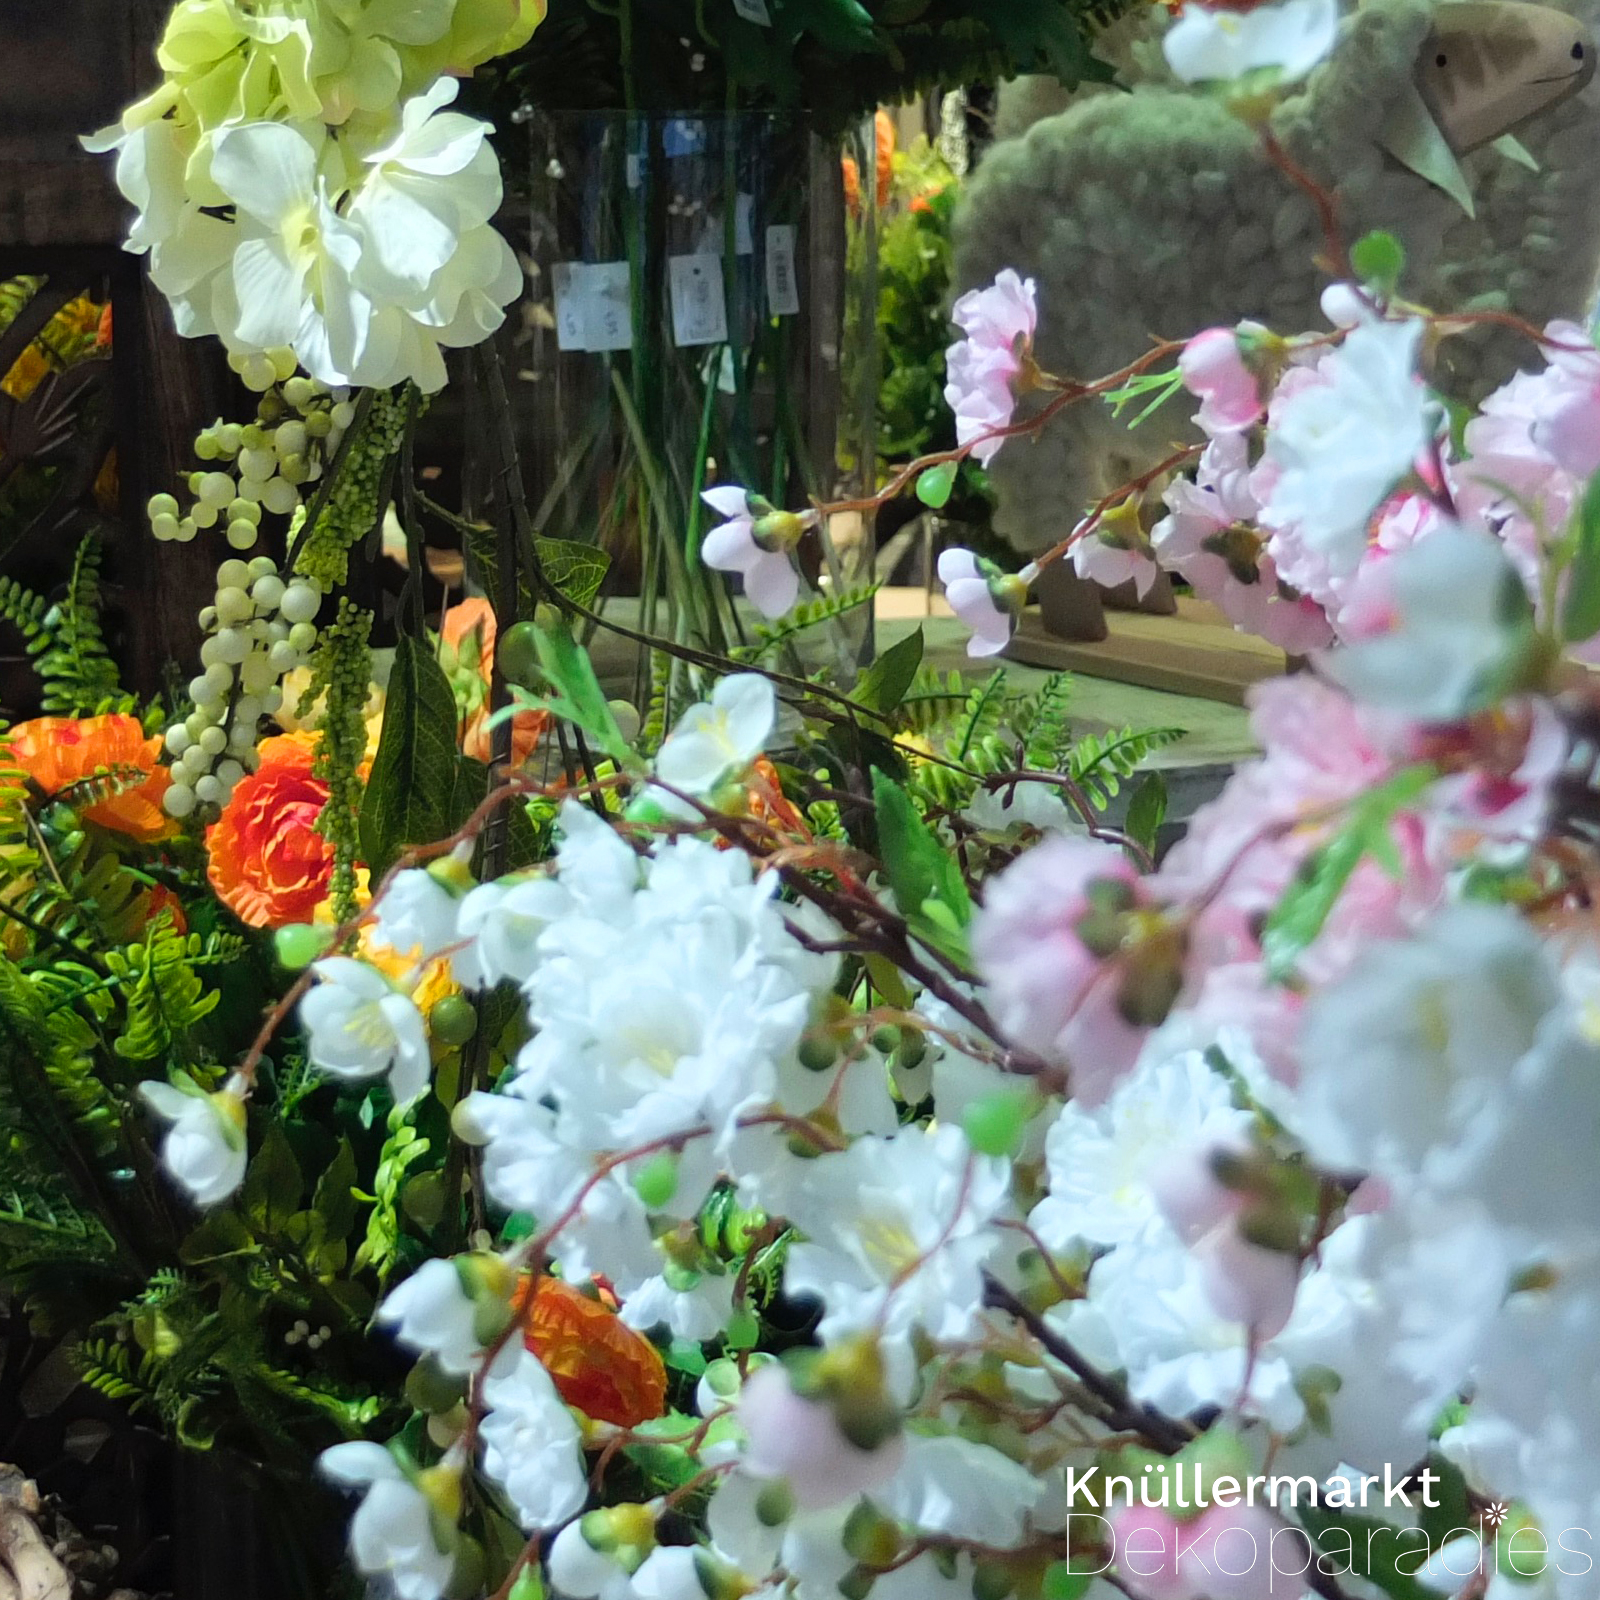 gallerie-4-themenseite-fruehling-oster-blumen-deko-paradies-knuellermarkt